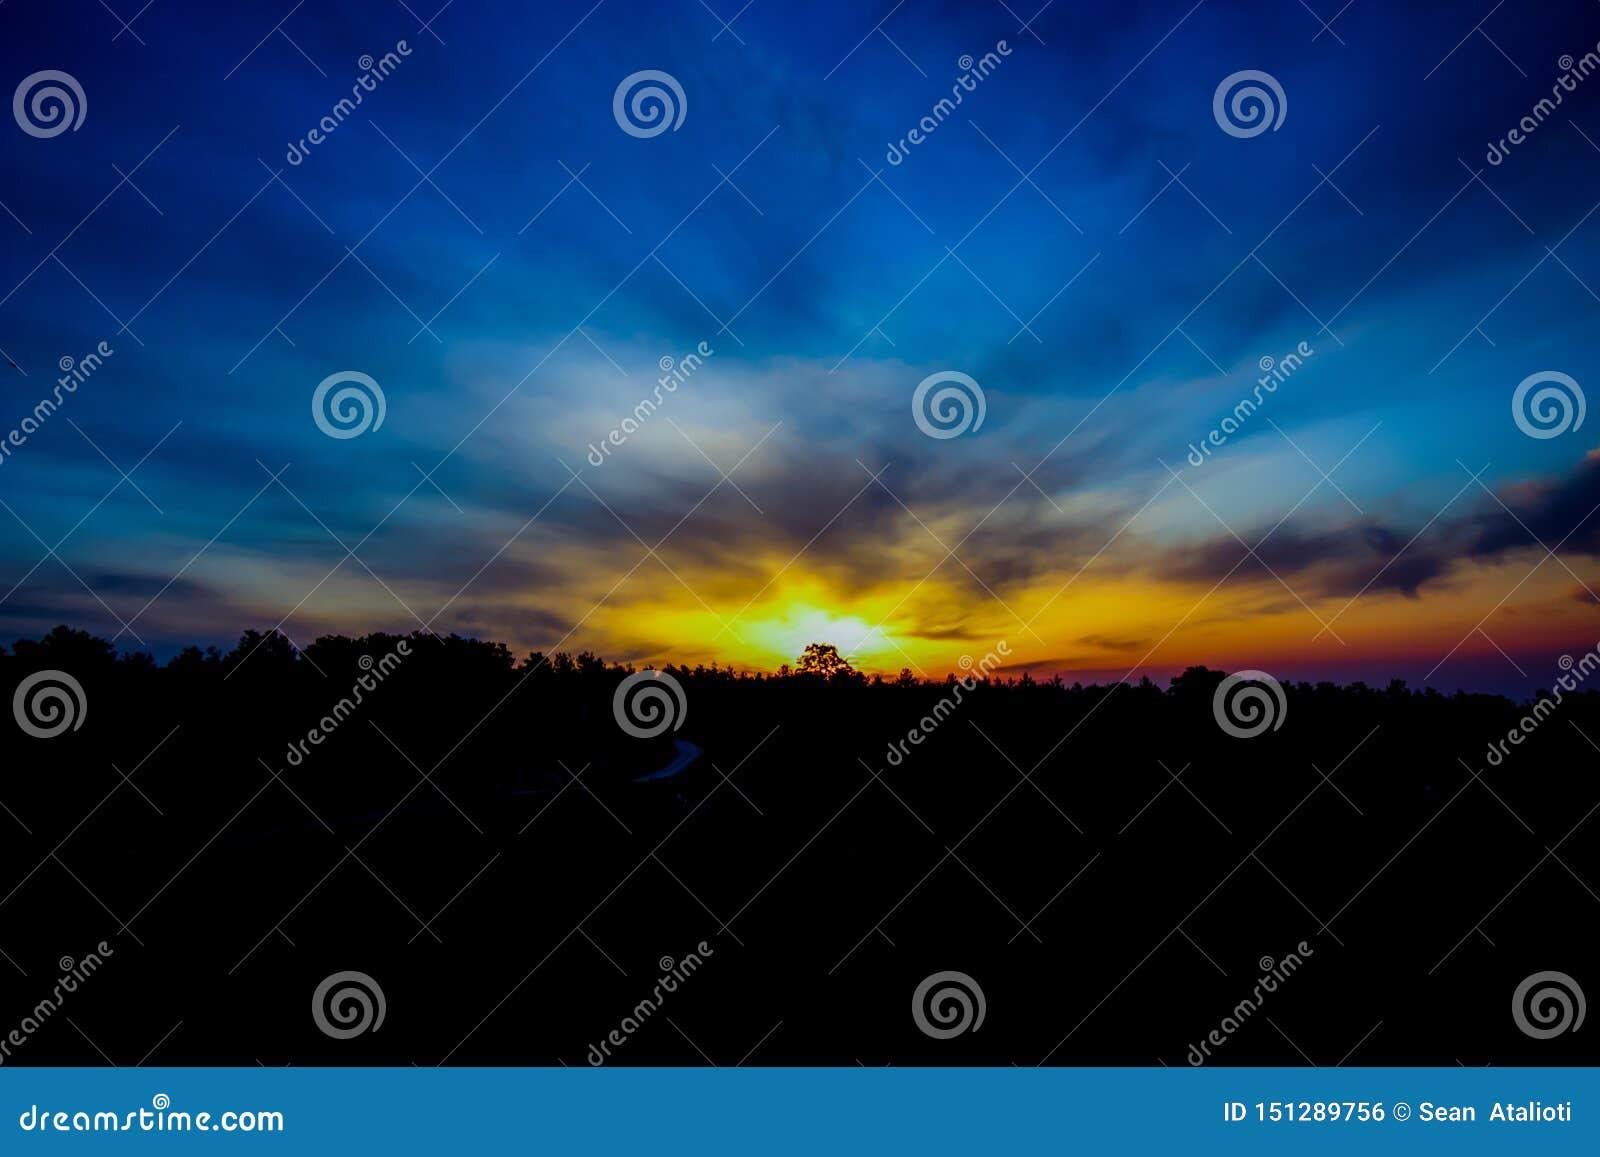 Träd för horisonten, bergsoluppgång i morgonhimlen, vidsträckta färger av solen över bergen, grekisk sollöneförhöjning